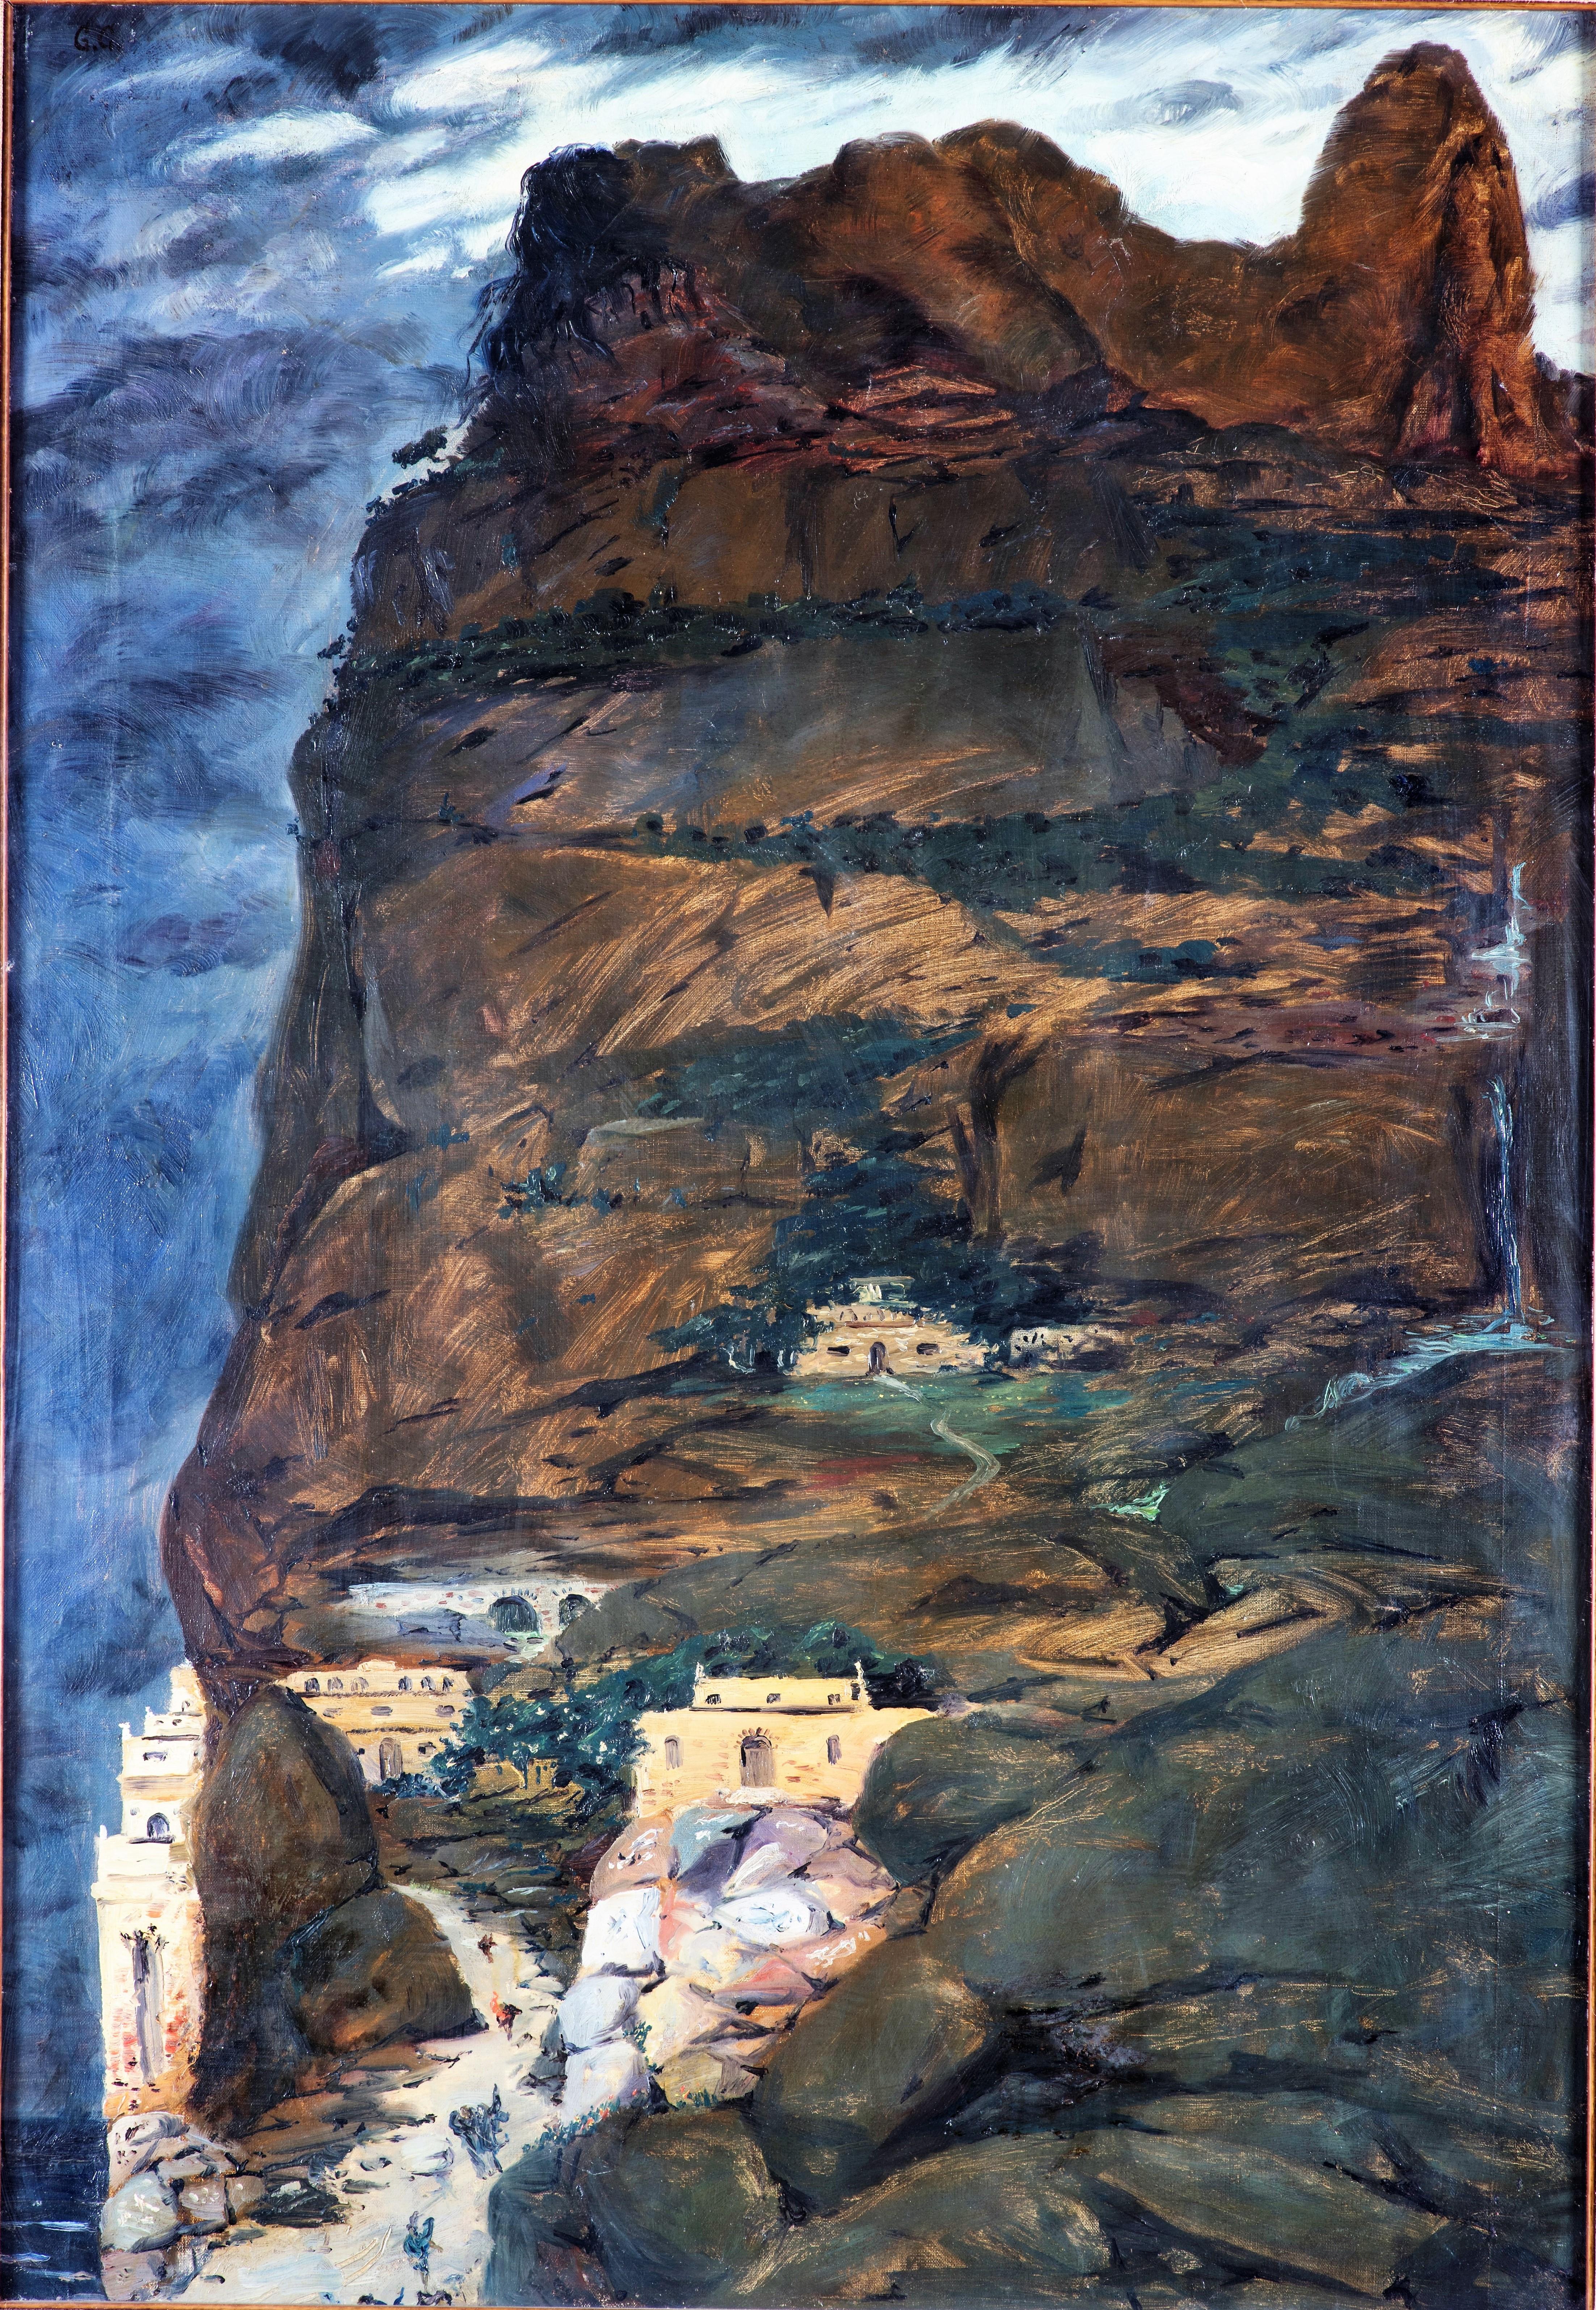 Giorgio de Chirico Prometheus * Prometeo, Herbst 1908 Ol auf Leinwand, 148 × 110 cm Collezione Paolo Volponi Courtesy Porro & C. art consulting, Milano